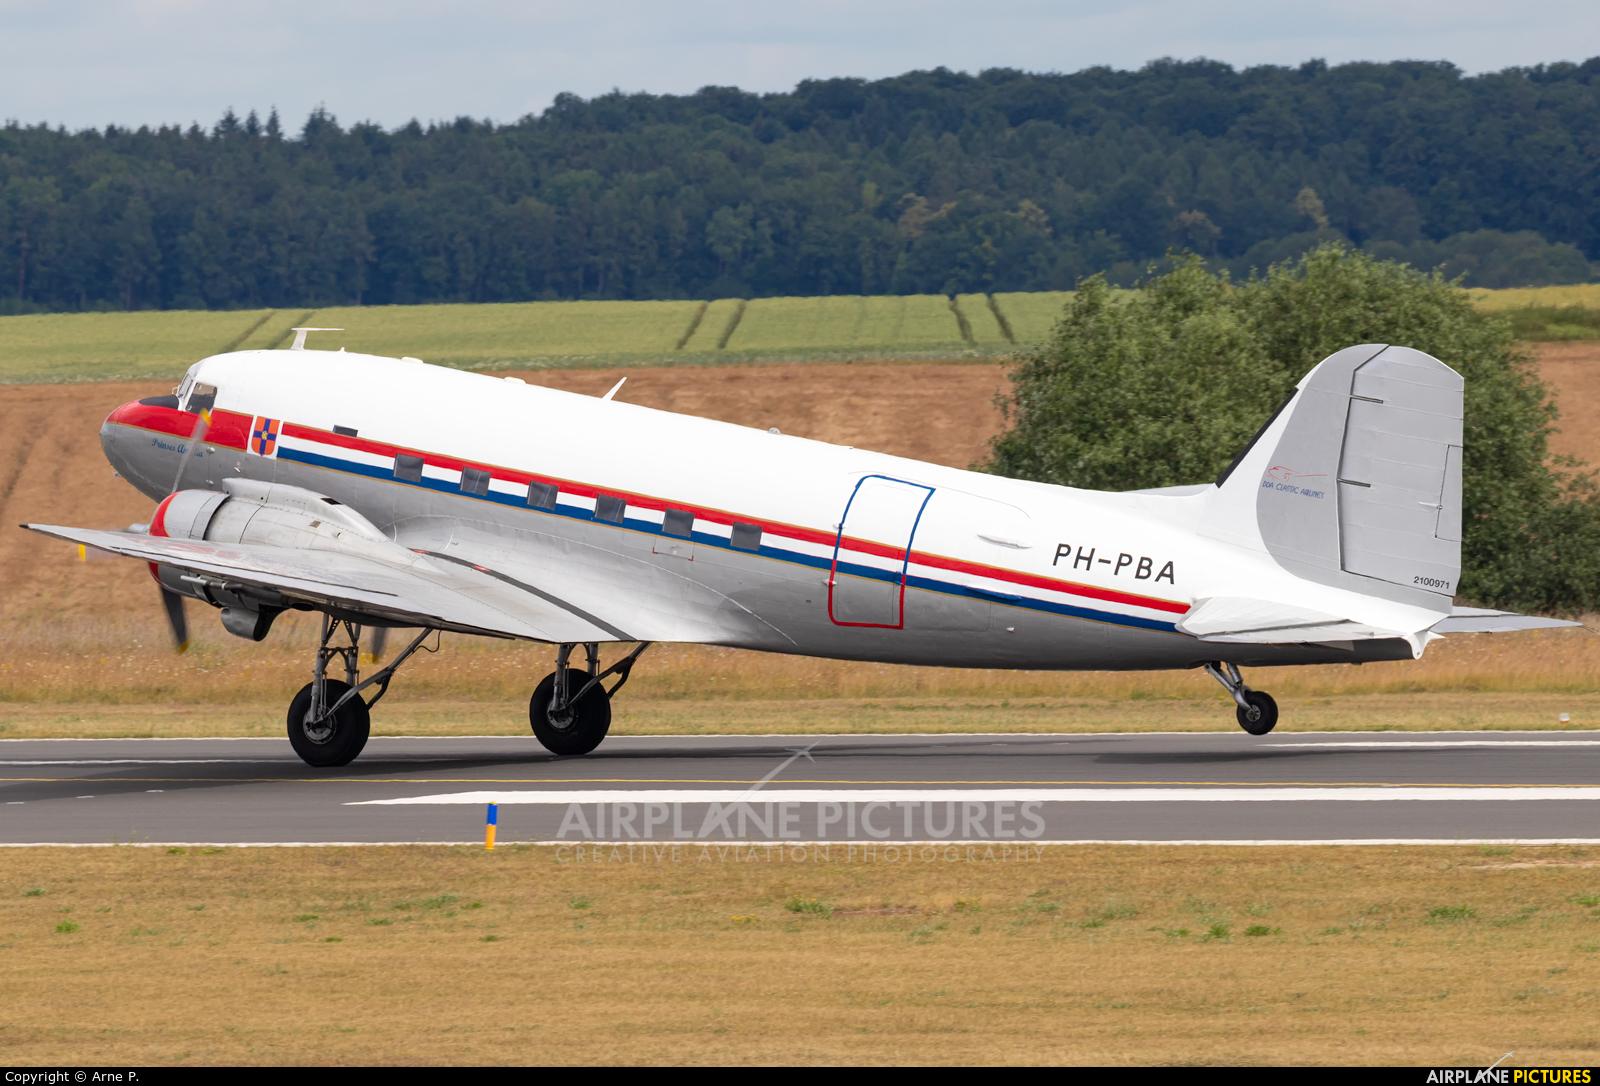 DDA Classic Airlines PH-PBA aircraft at Kassel-Calden